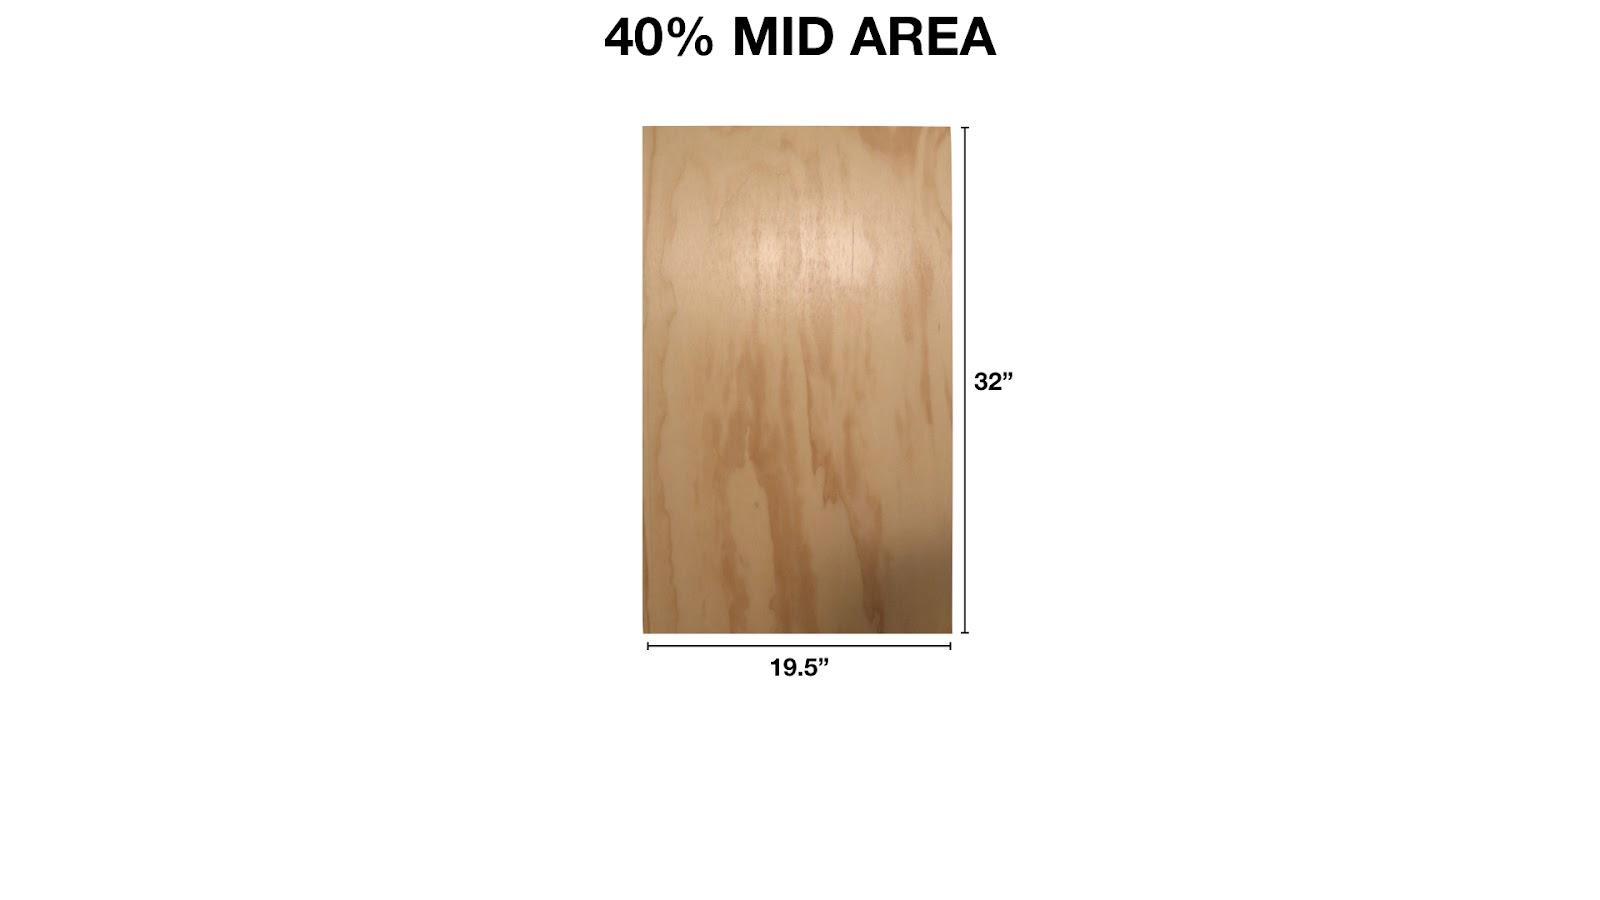 40% Mid Area